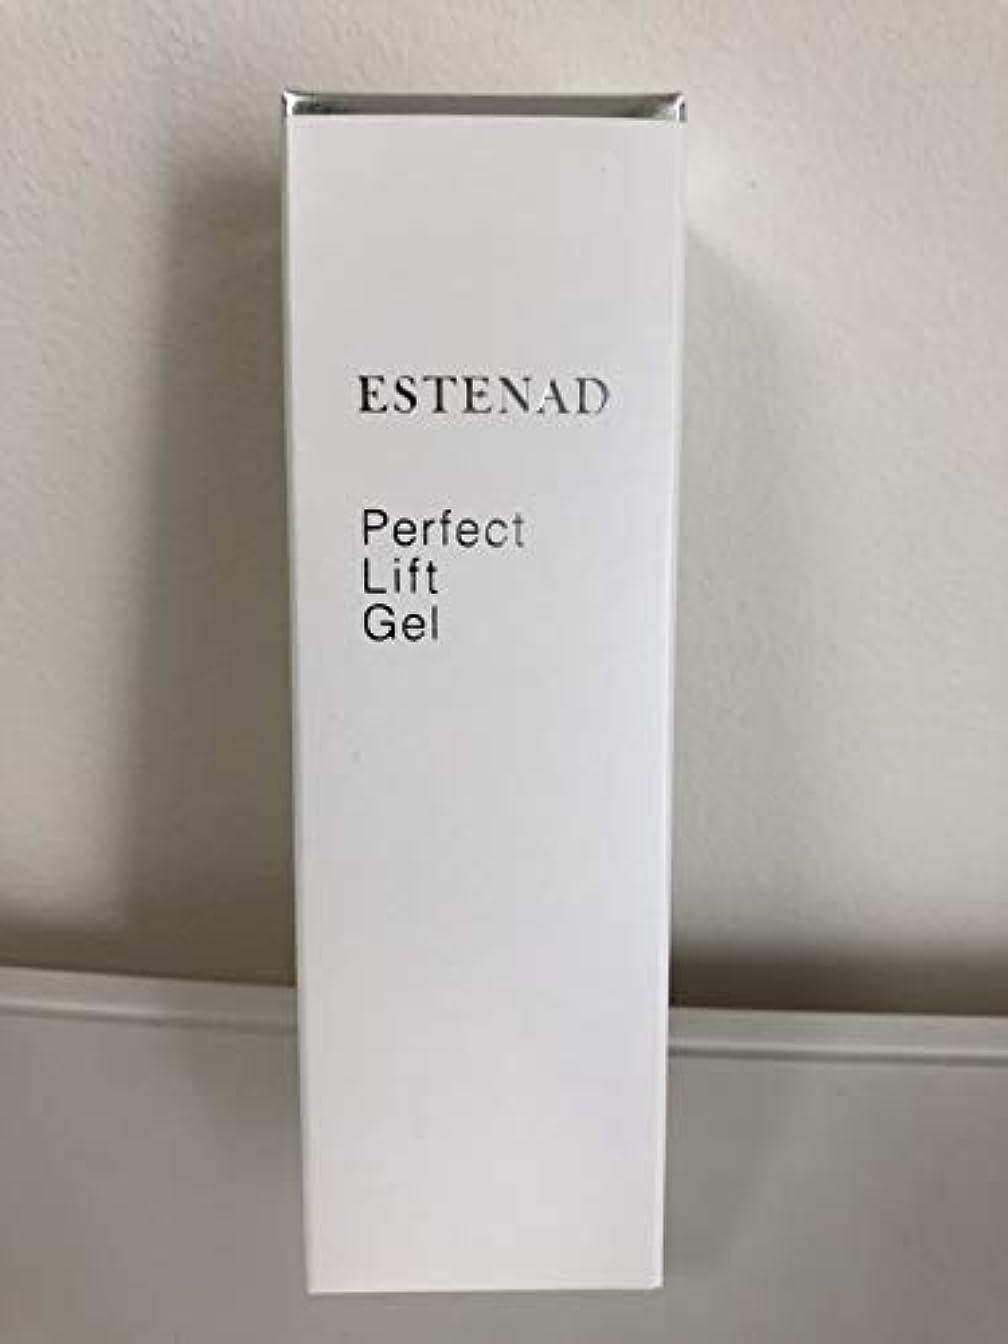 彼女それによって特徴エステナード パーフェクトリフトジェル 美容液ジェル 80g